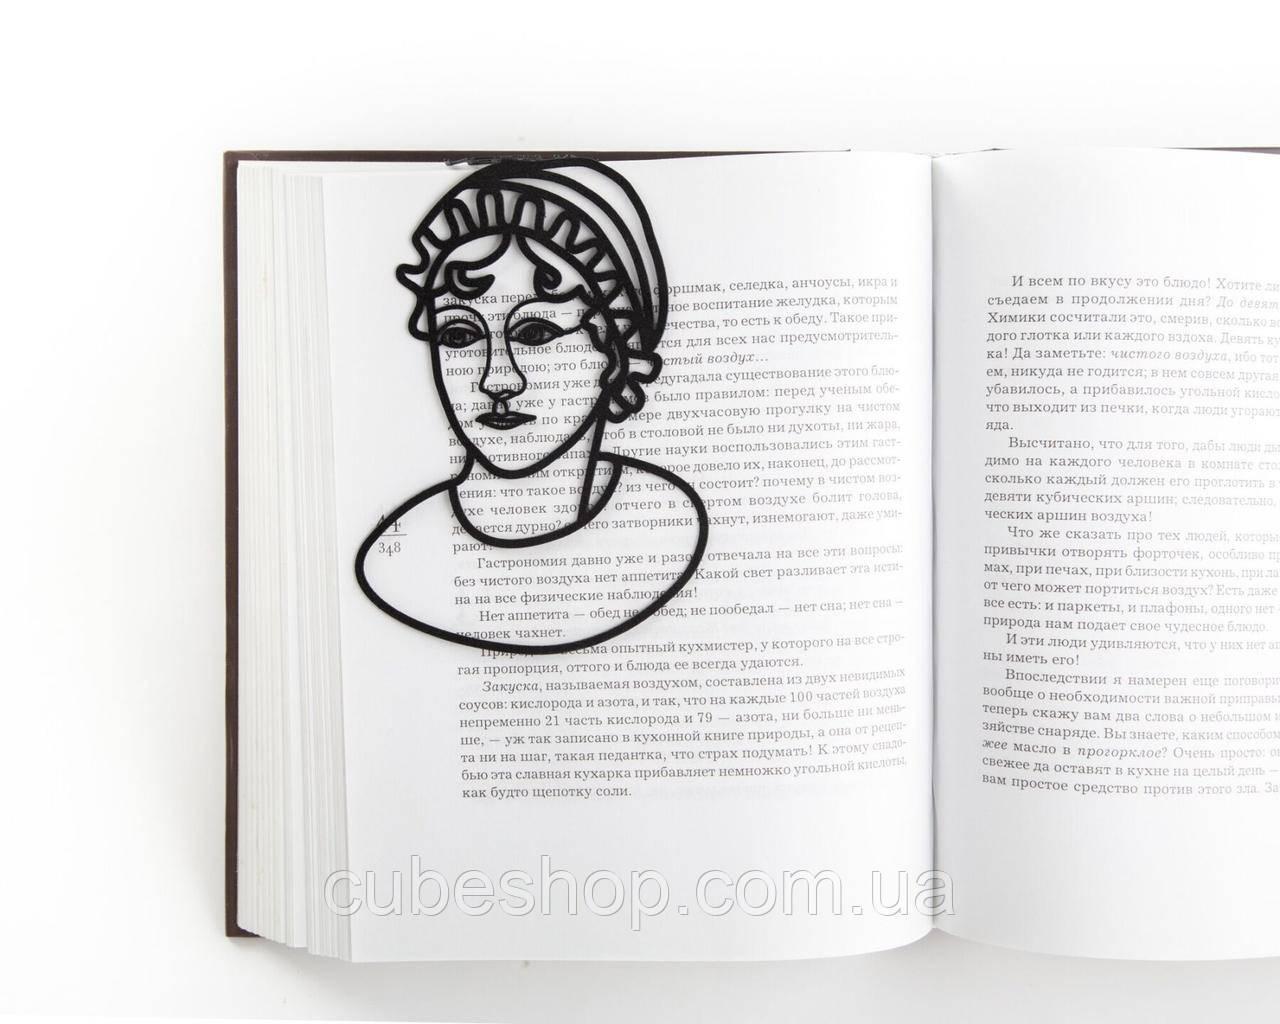 Закладка для книг Джейн Остин